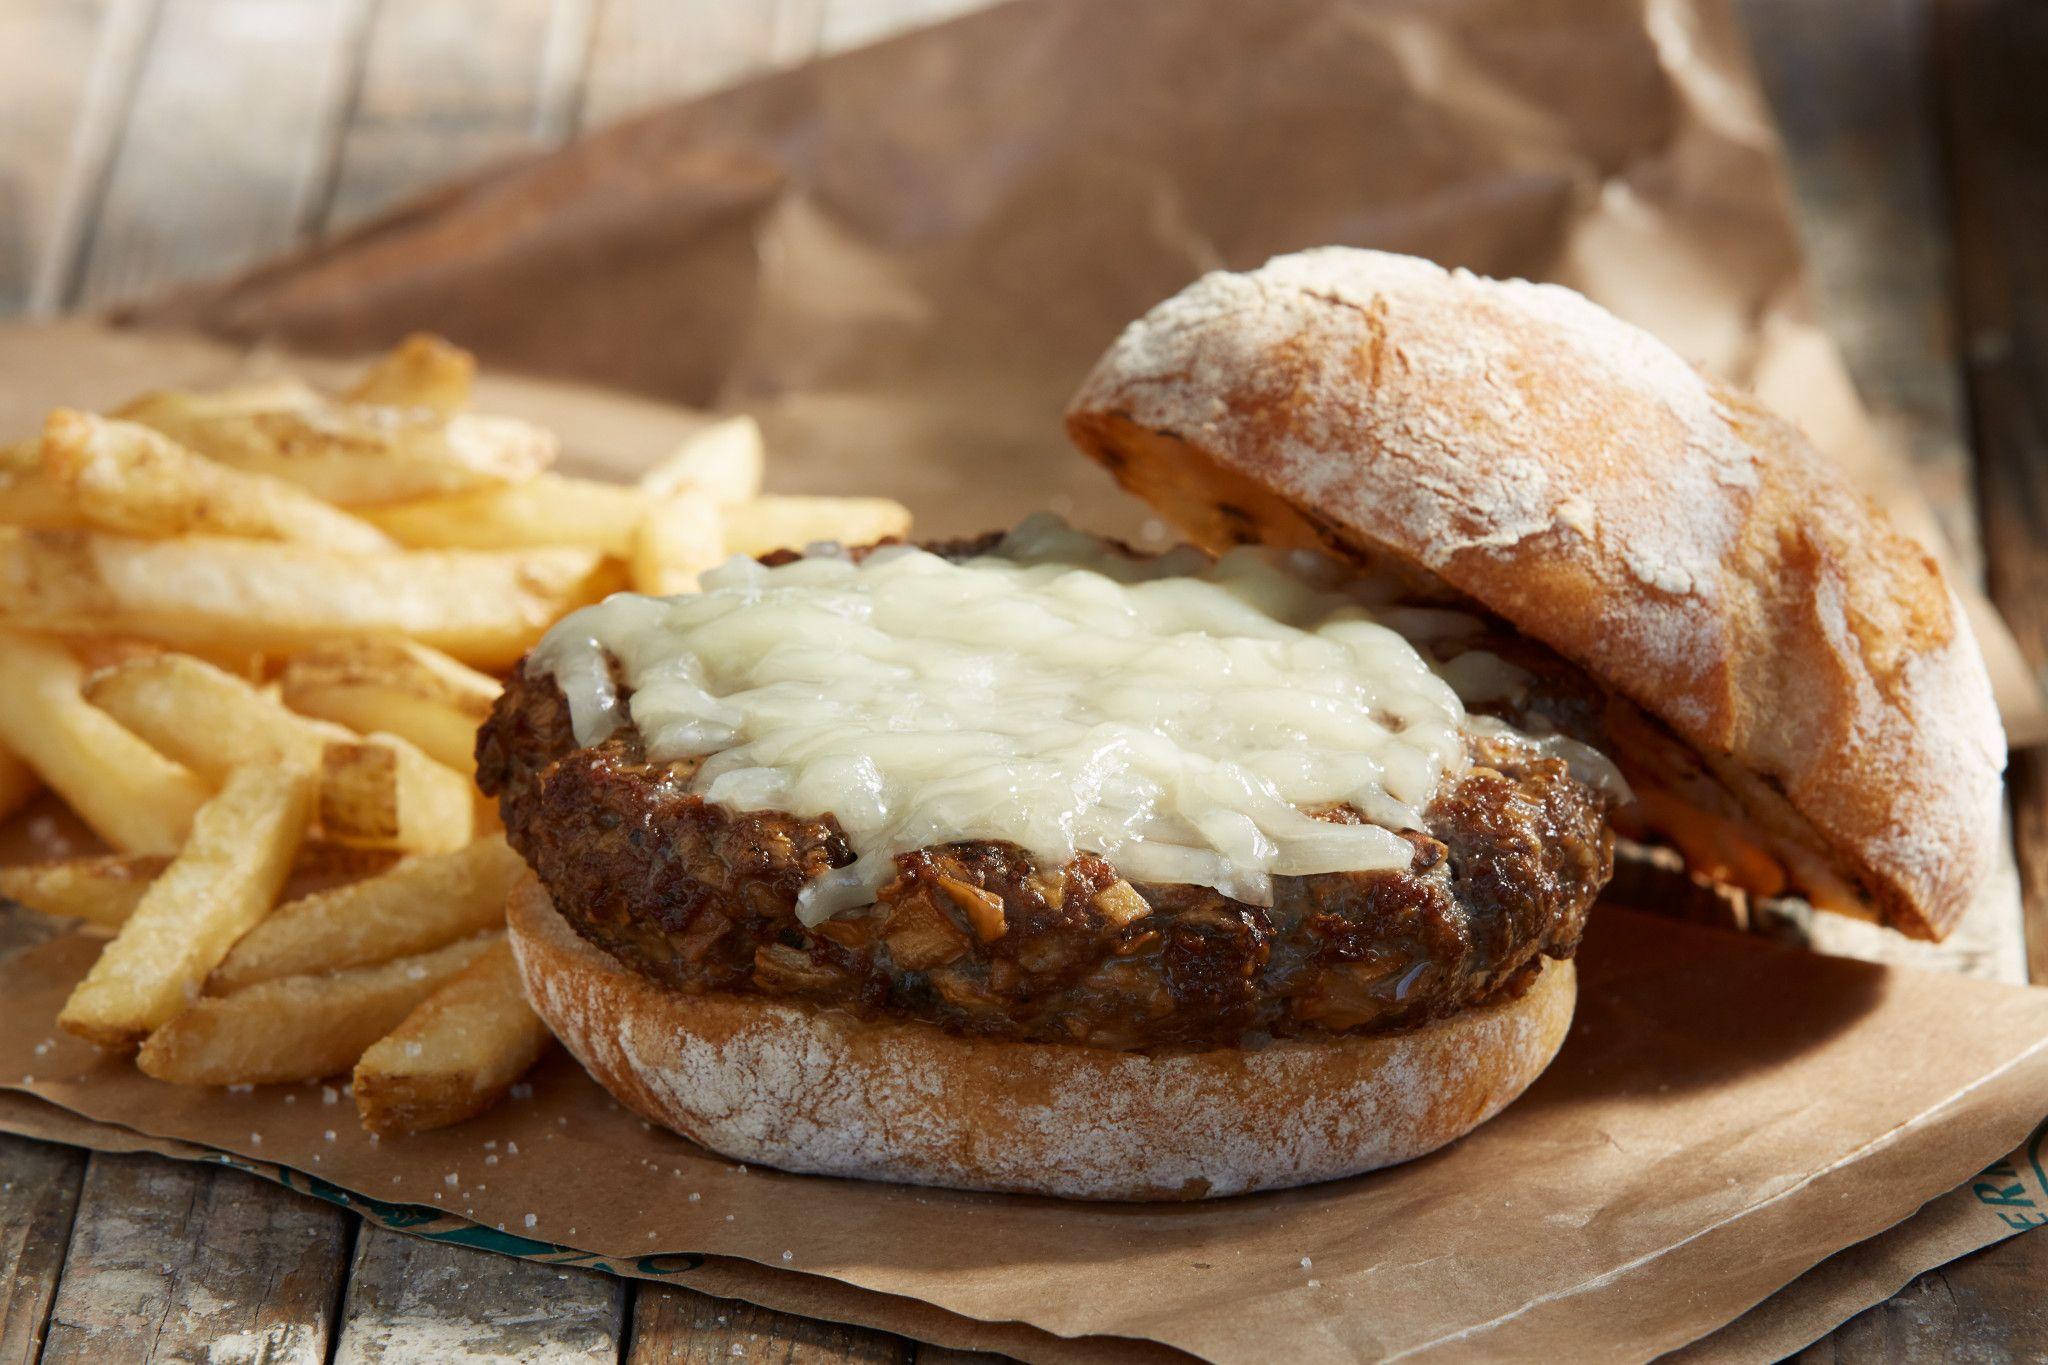 Beef and Mushroom Burgers